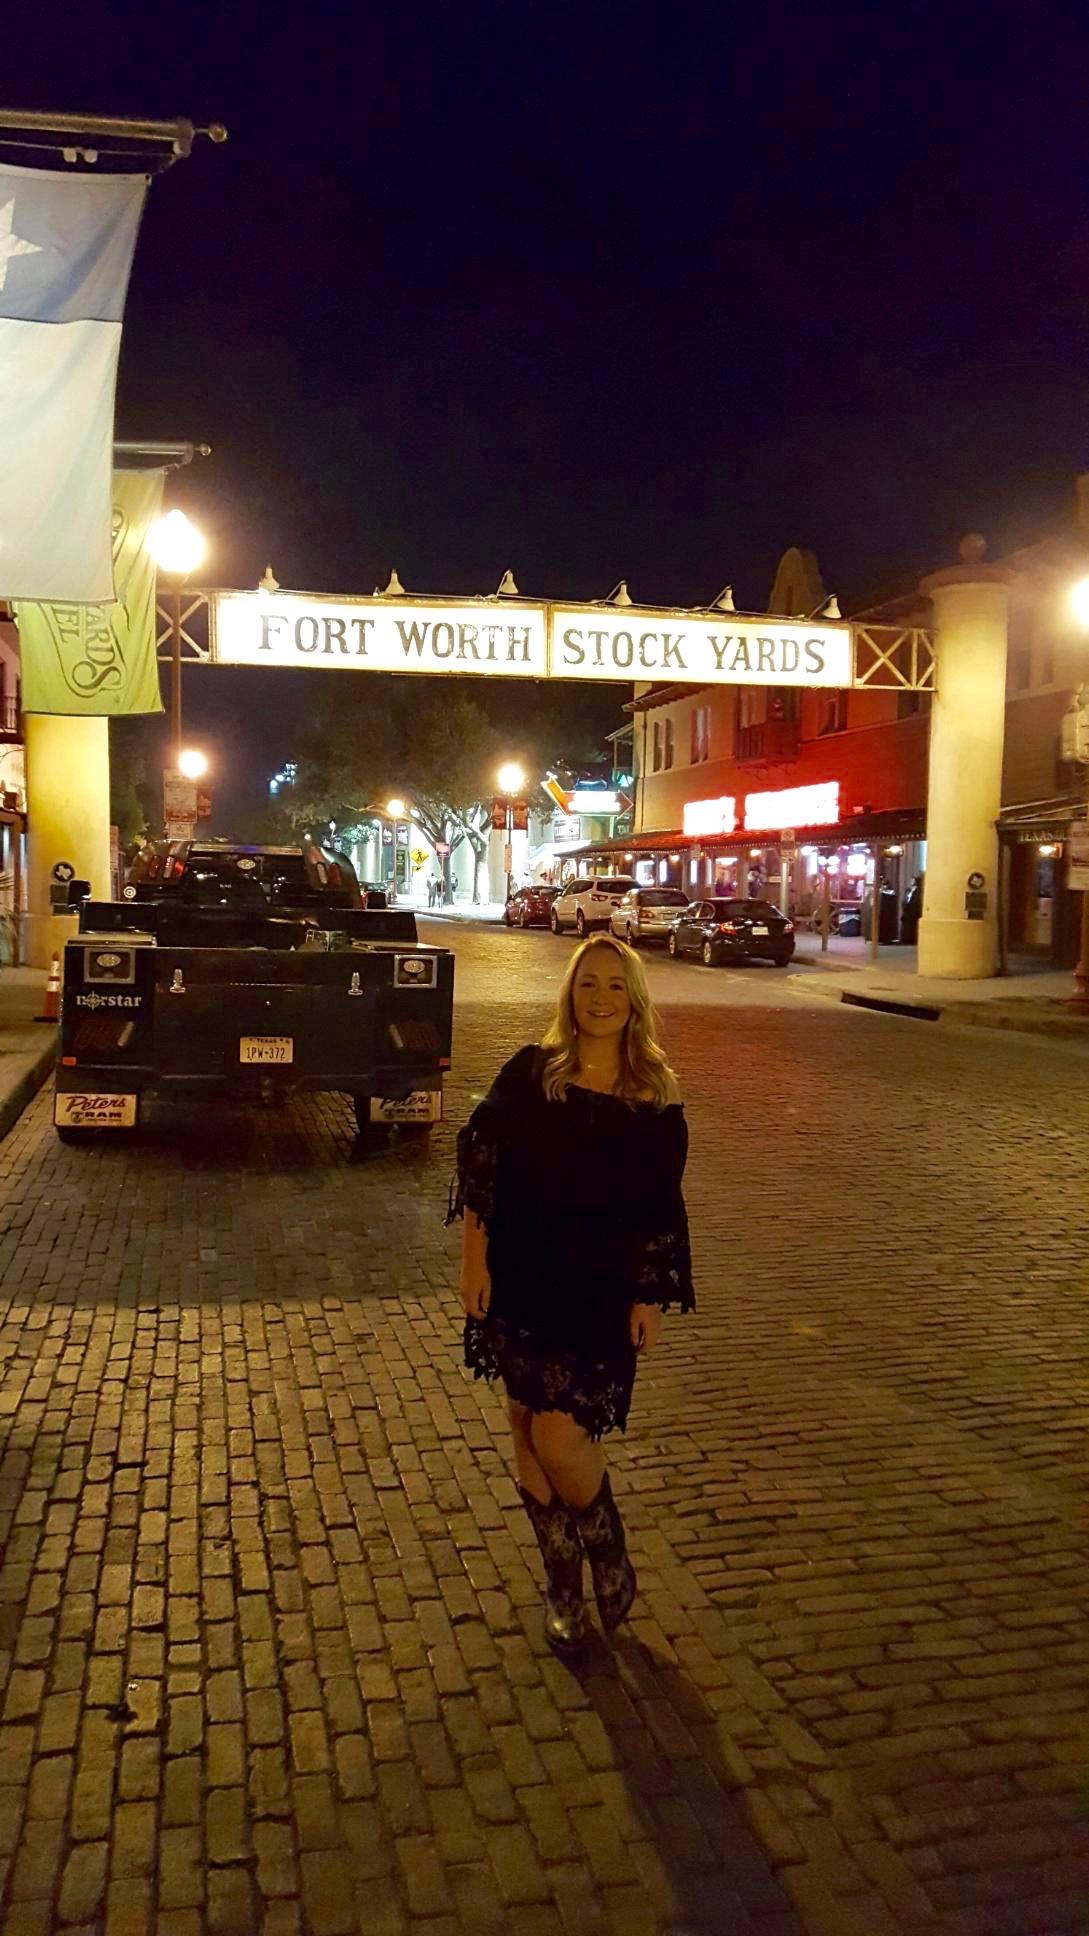 Dallas Weekend Recap #Dallas #Travel #TexasTravel #FortWorth